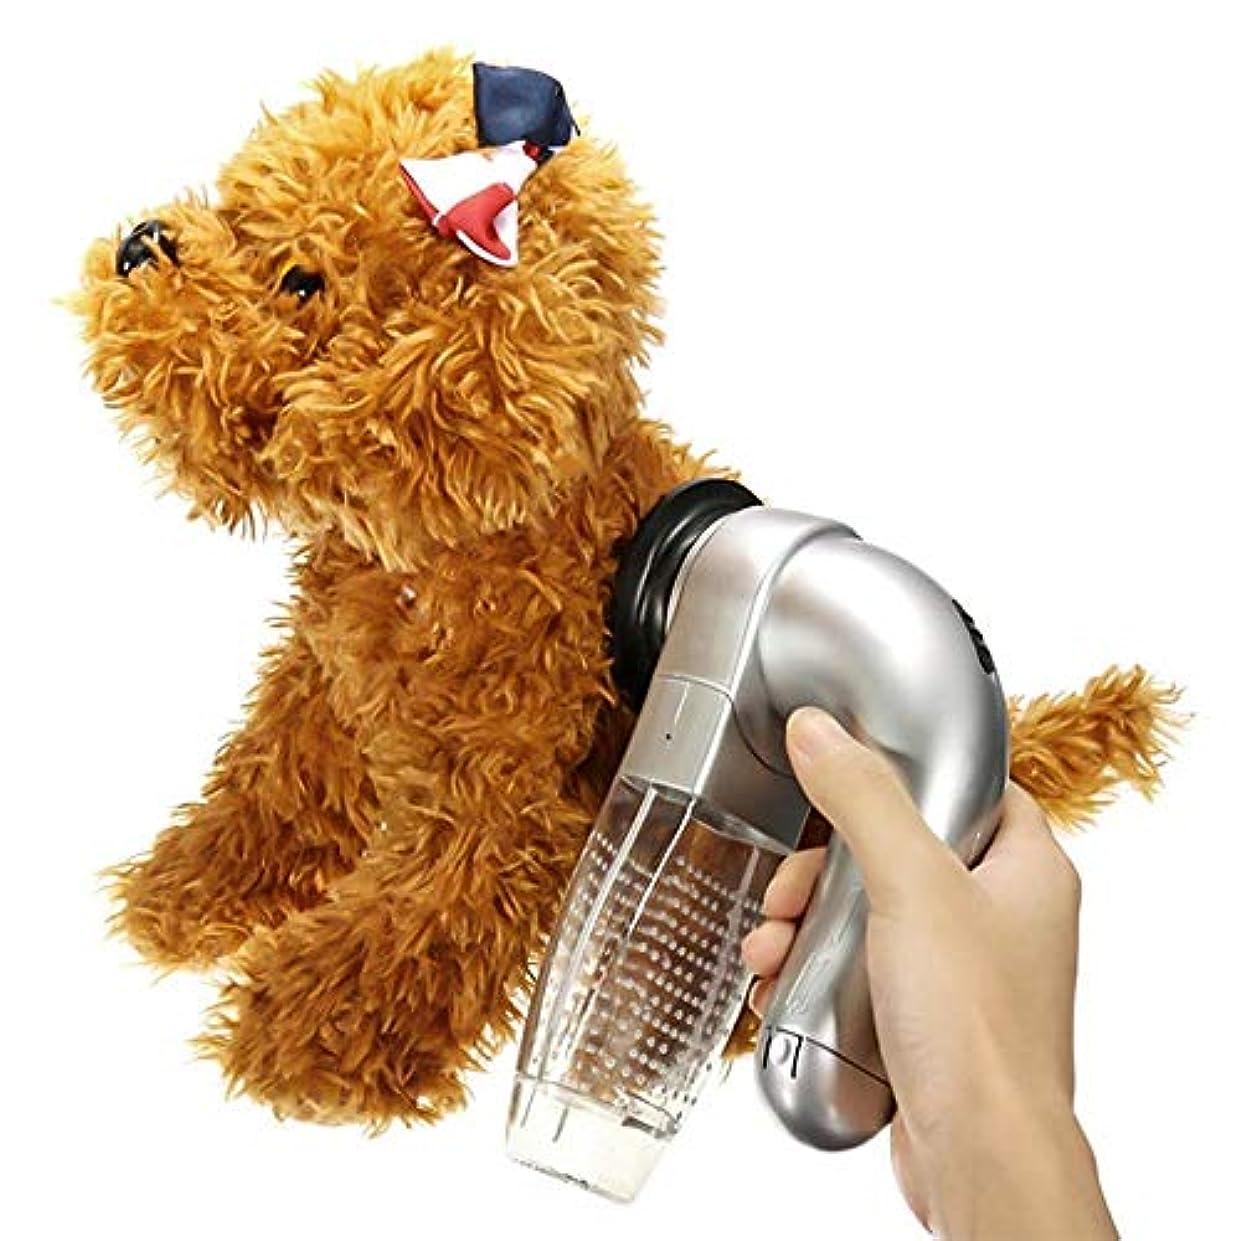 ズボンパラダイスリフト犬と猫の脱毛器の取り外し電動ペット吸引ヘアデバイスポータブルペットマッサージクリーニング掃除機ソフトラバー用猫と犬